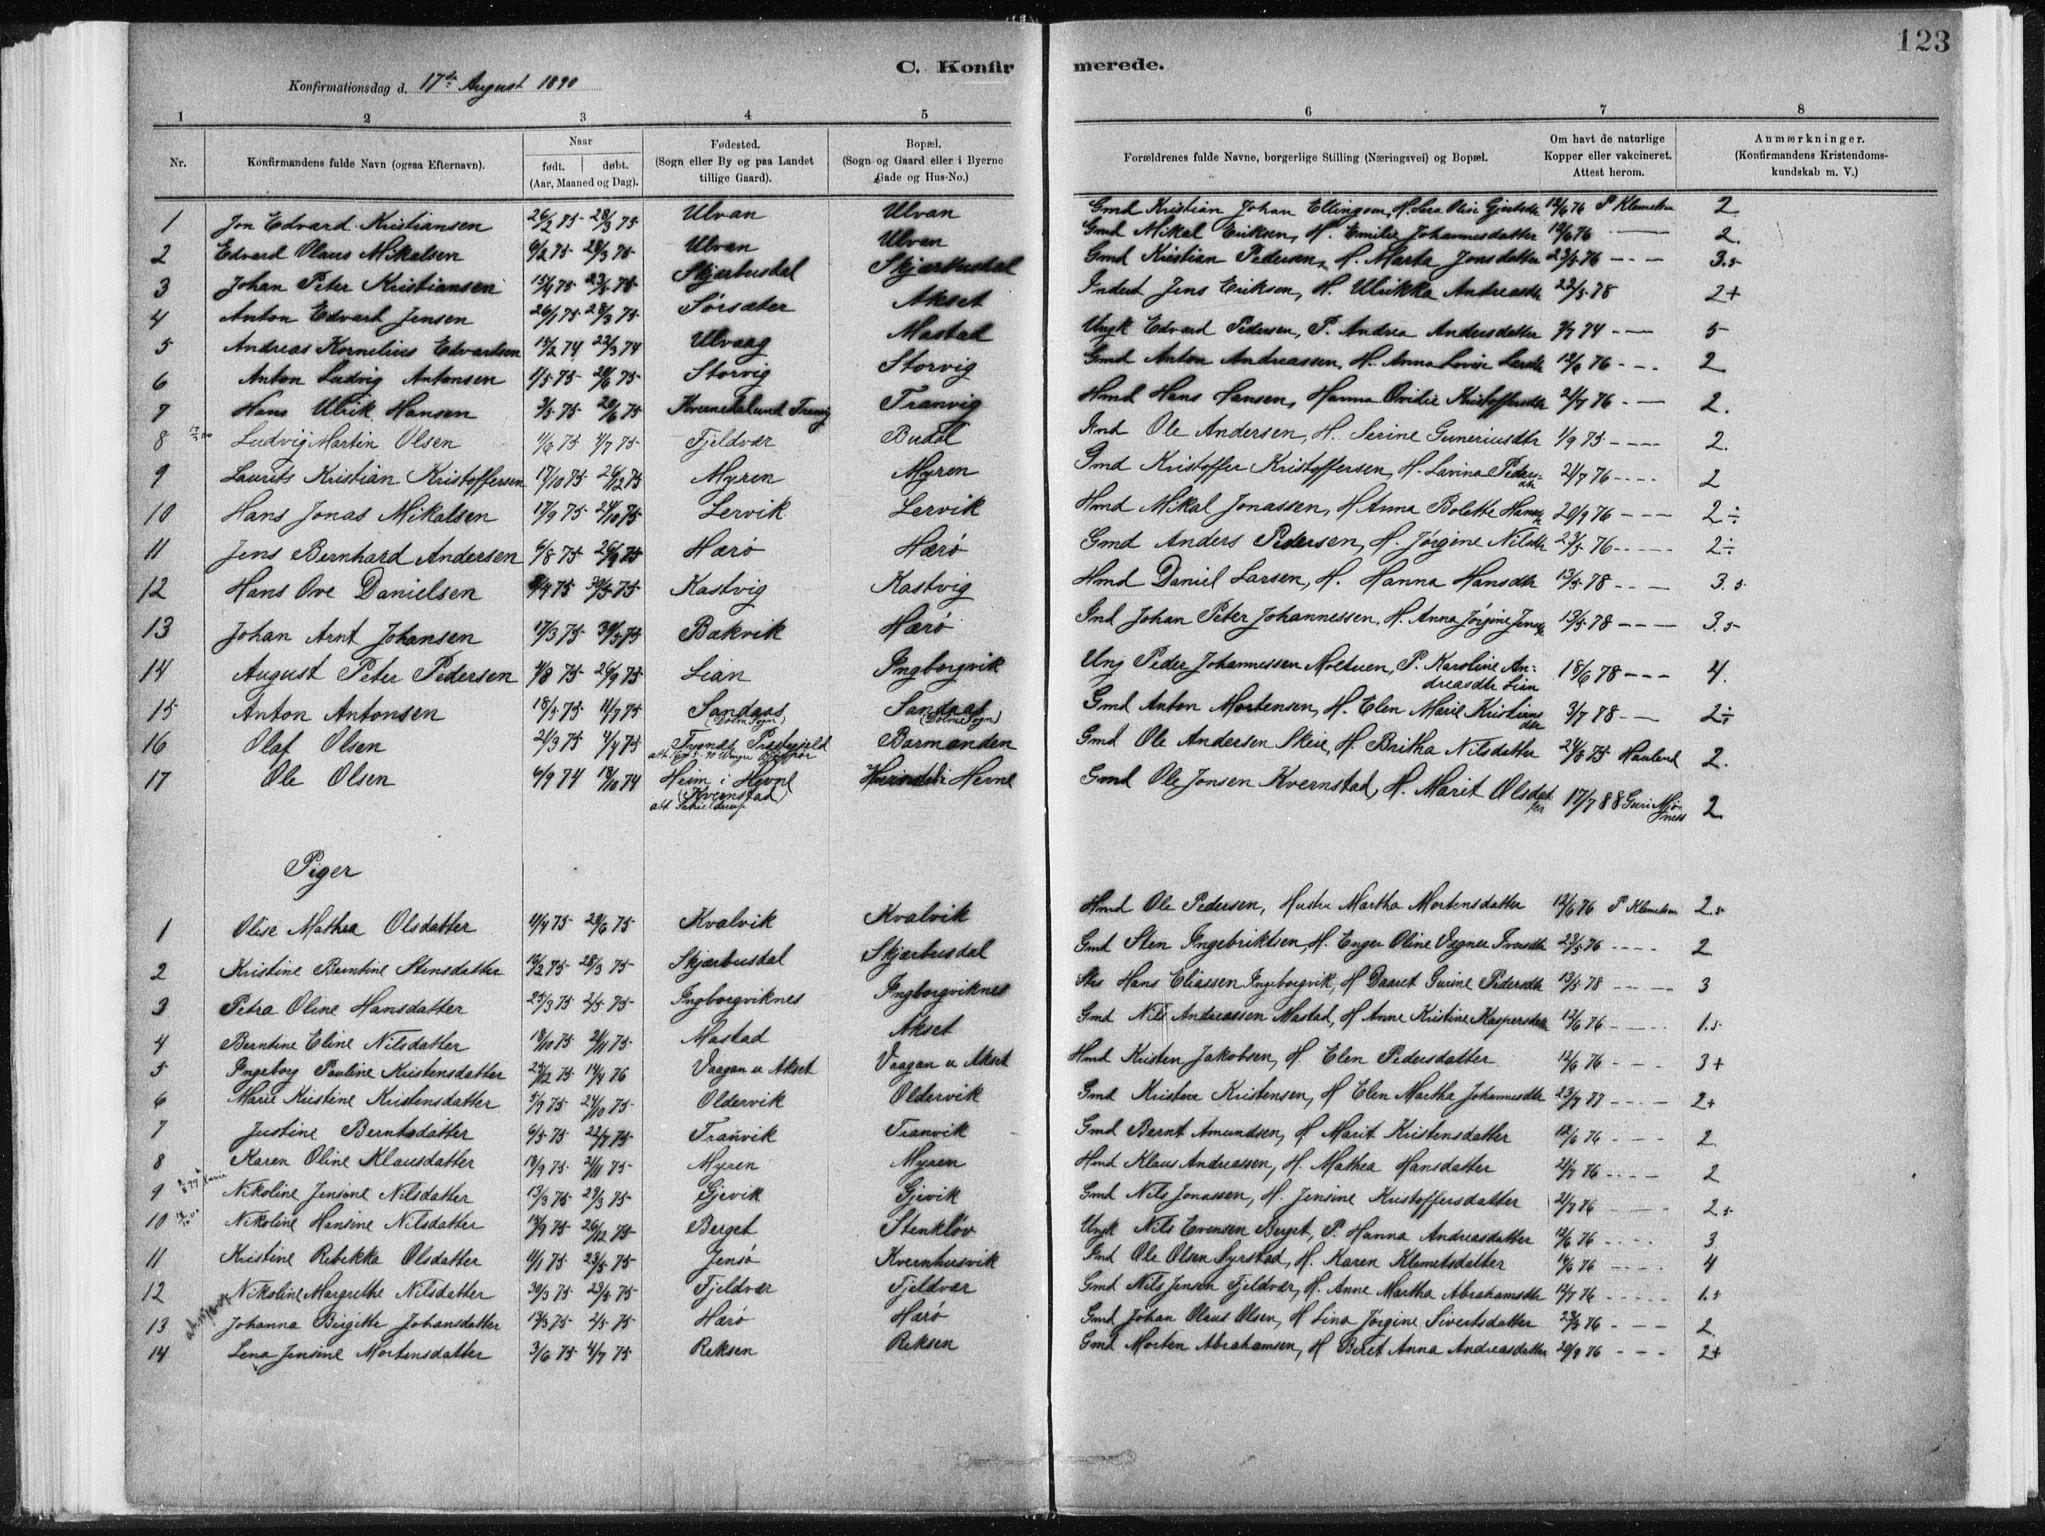 SAT, Ministerialprotokoller, klokkerbøker og fødselsregistre - Sør-Trøndelag, 637/L0558: Ministerialbok nr. 637A01, 1882-1899, s. 123